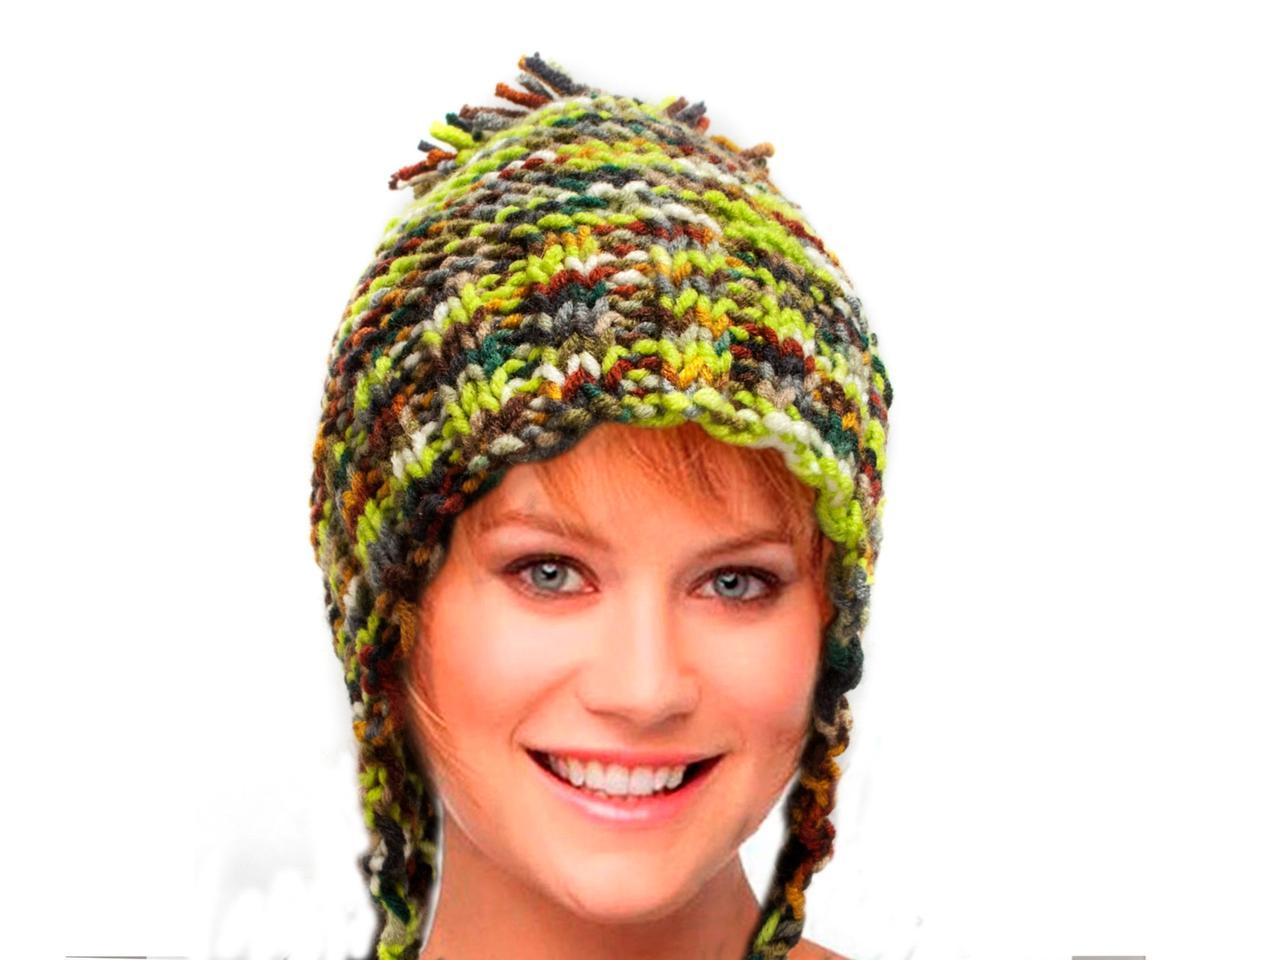 Шапка, жіноча в'язана шапка, чоловіча шапка, Unisex, HandMade шапка модна стильна шапка